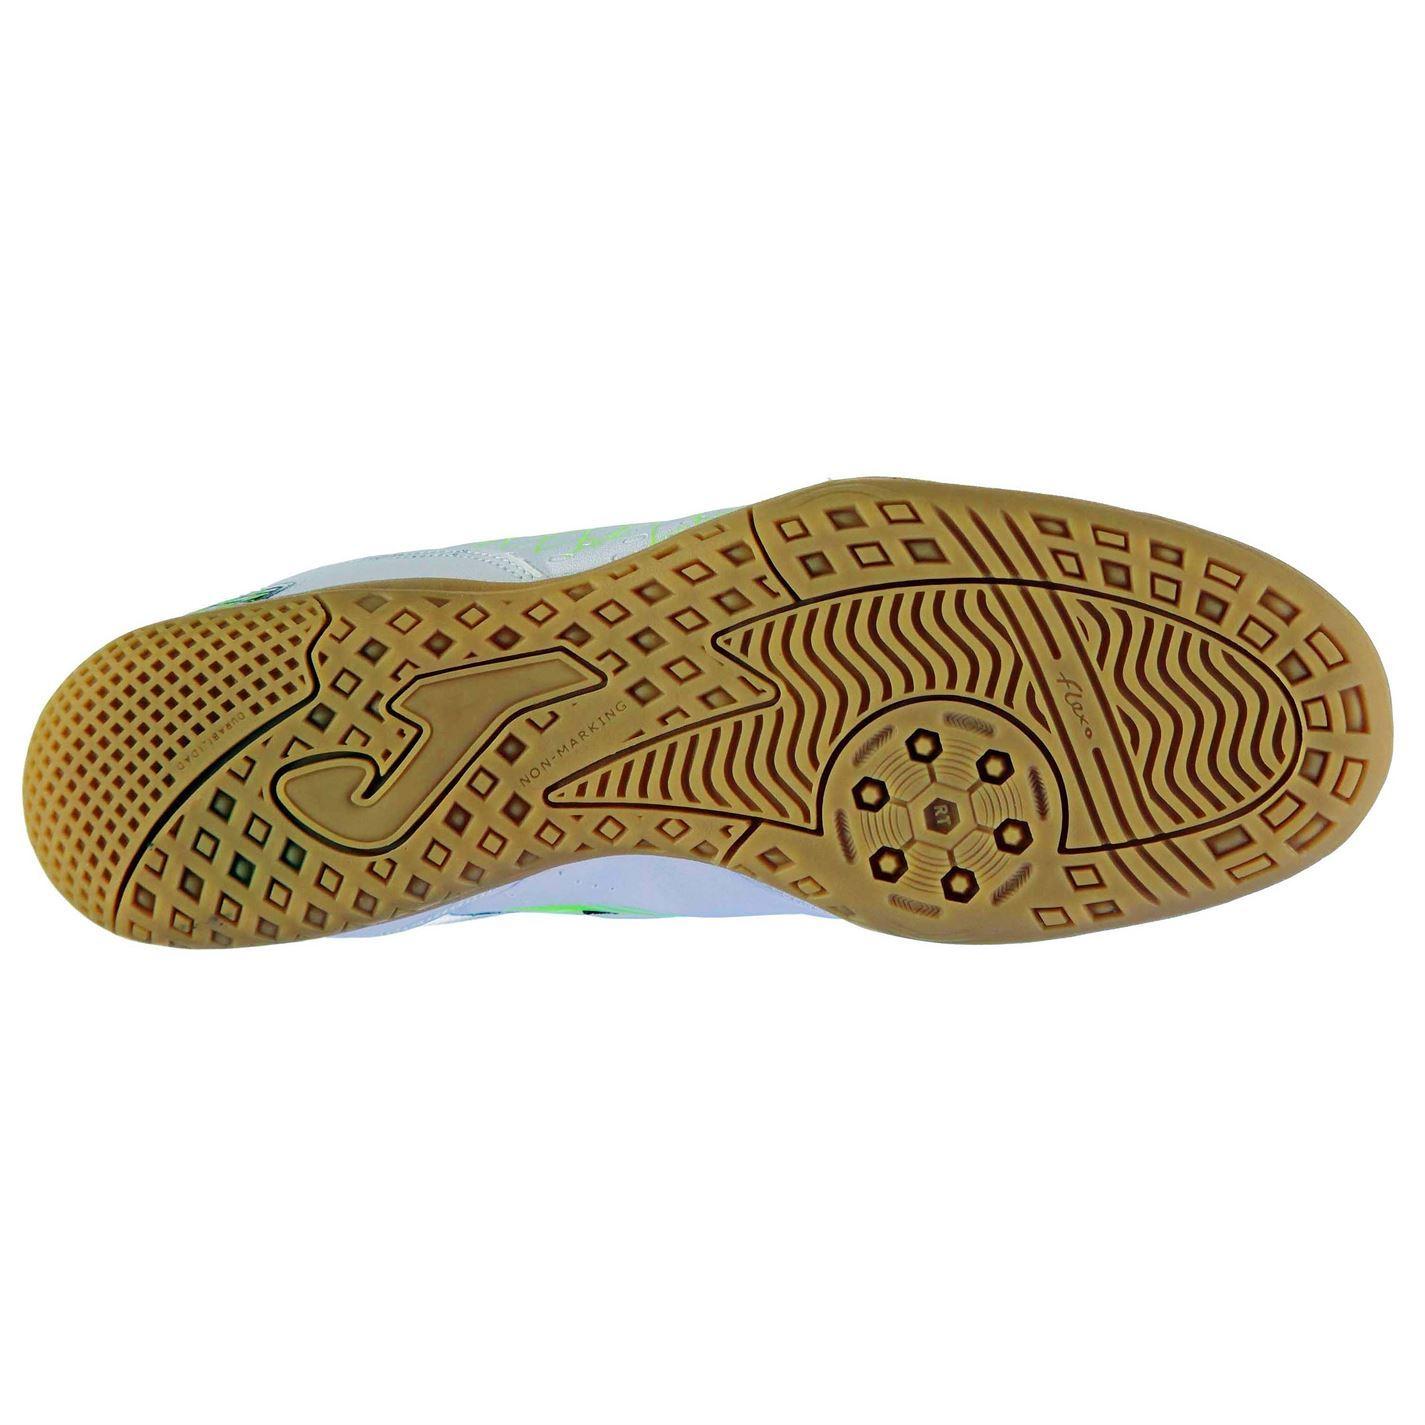 grn Wht Fútbol Zapatos Fútbol Zapatillas para interiores Fusbal Maxima de Joma Zapatillas deporte nxvqRYzz0w